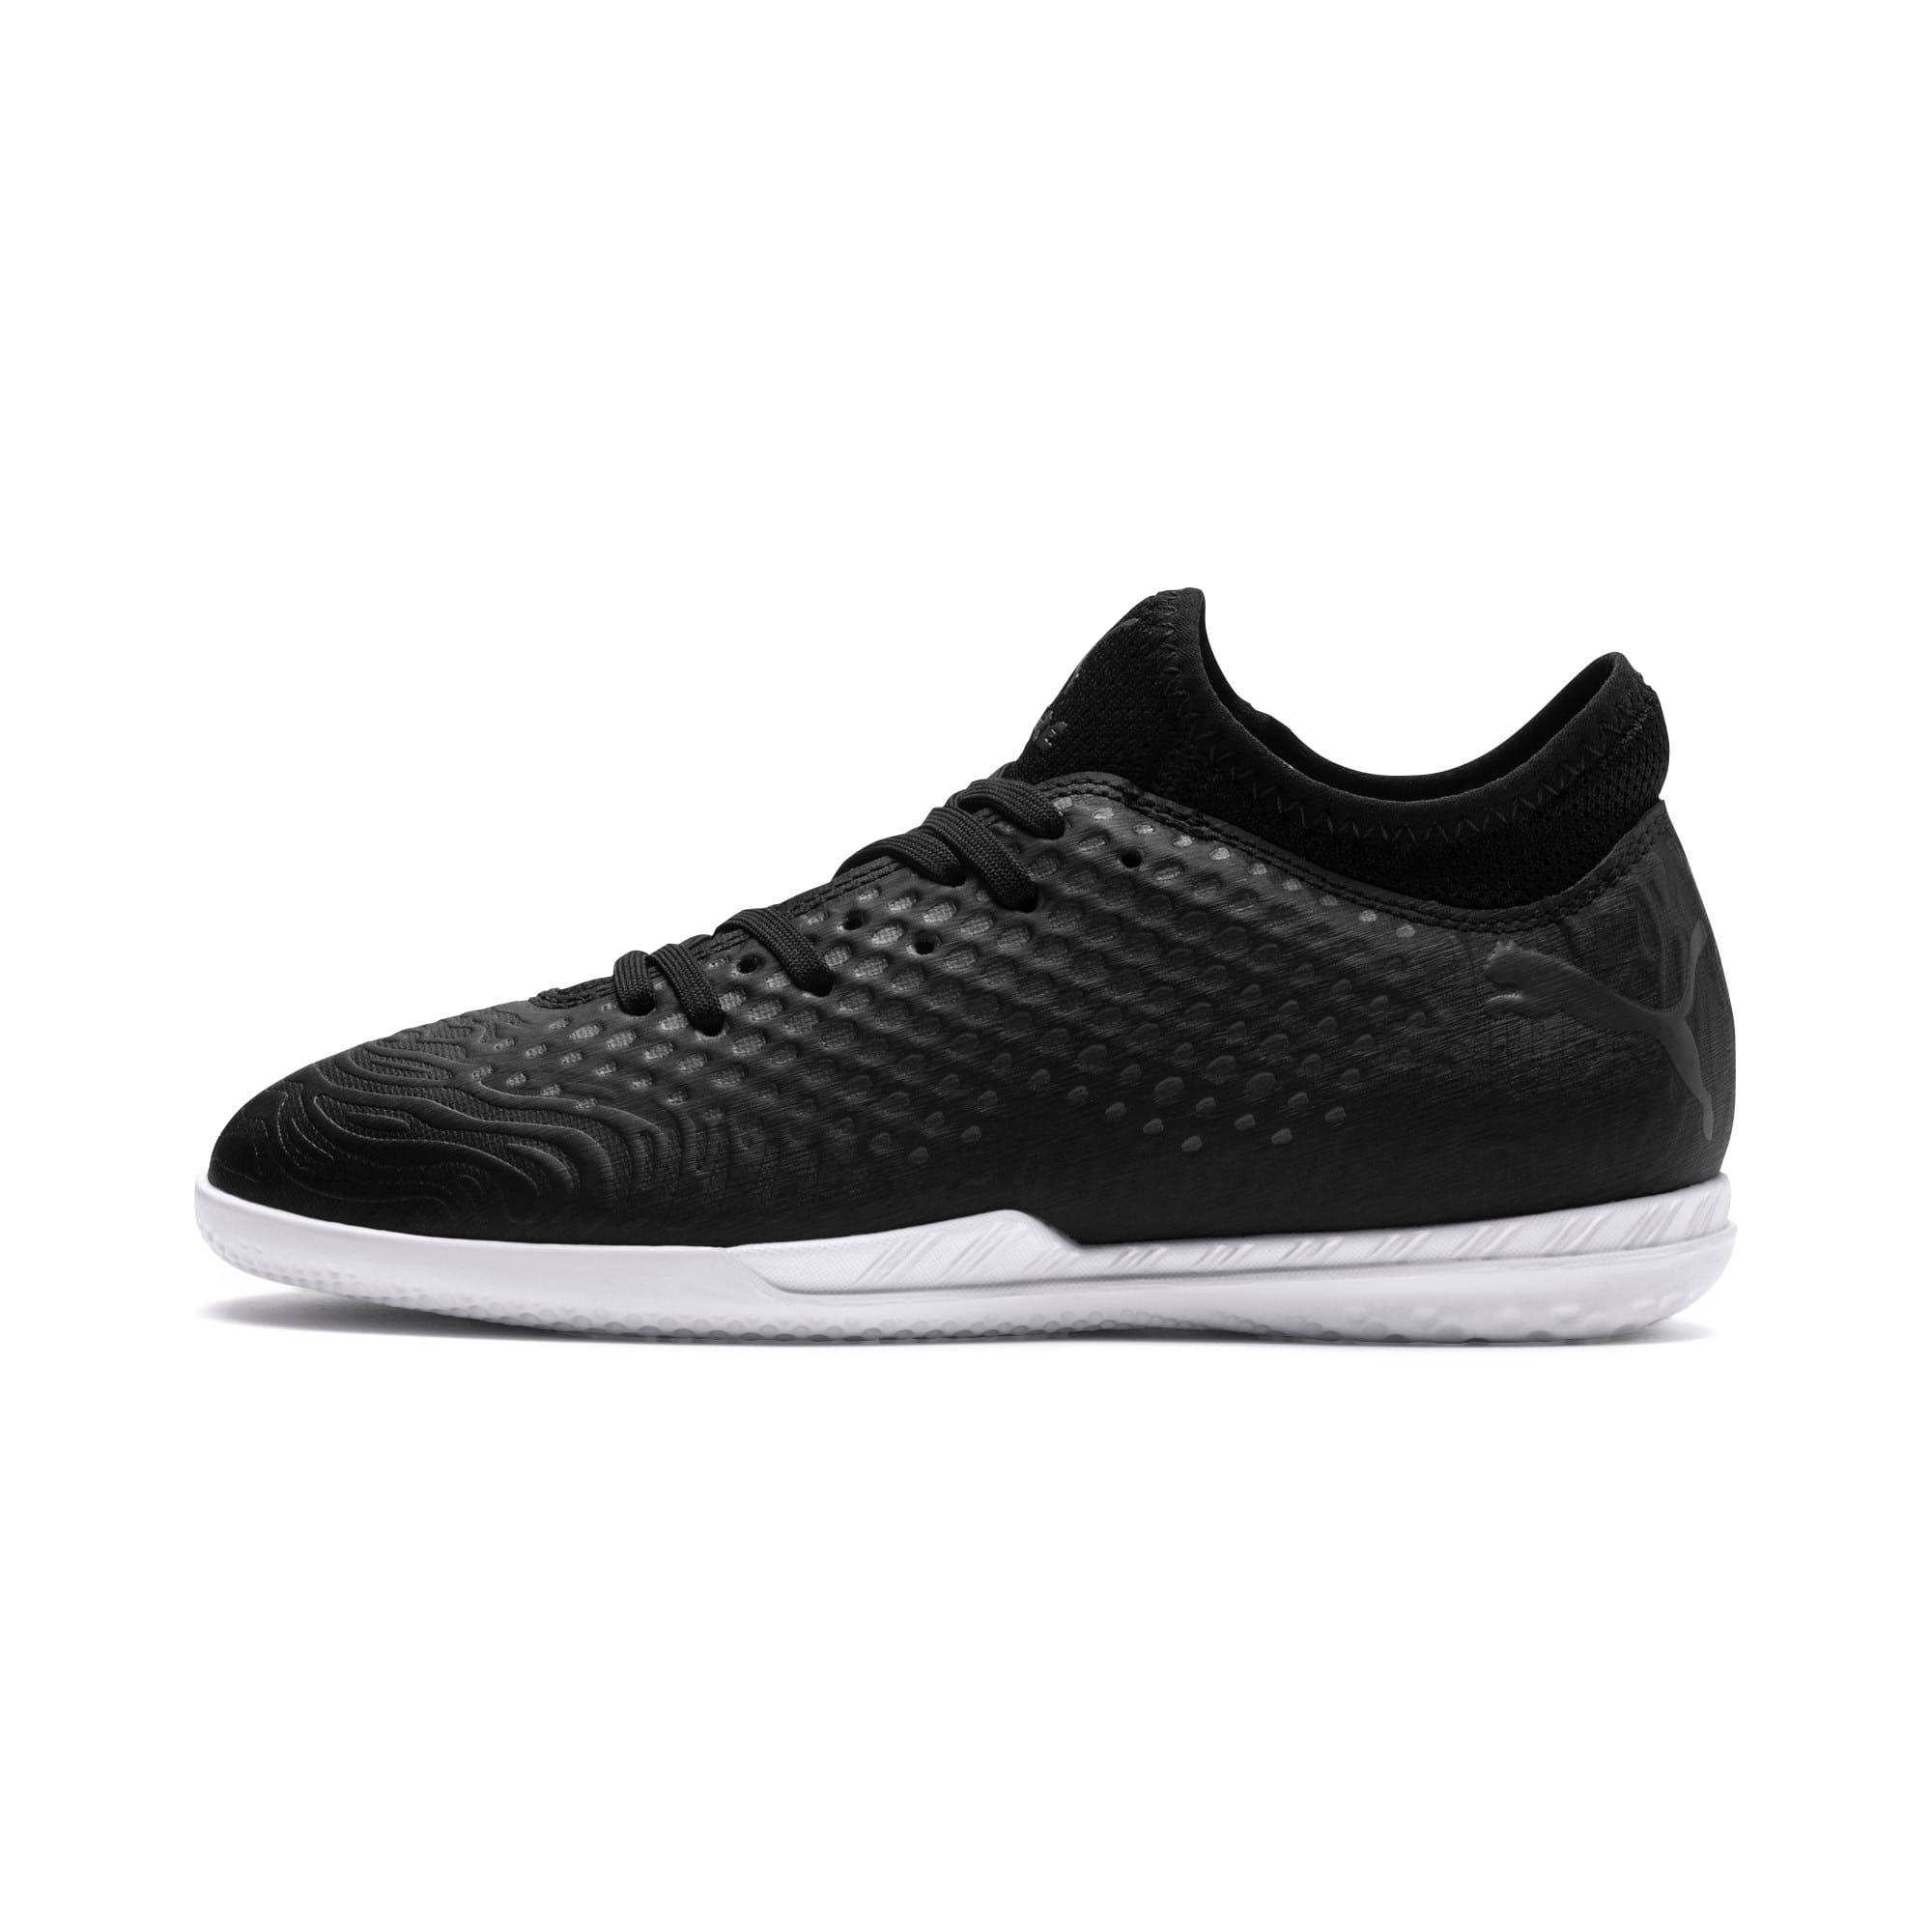 Thumbnail 1 of FUTURE 19.4 IT Soccer Shoes JR, Puma Black-Puma Black-White, medium